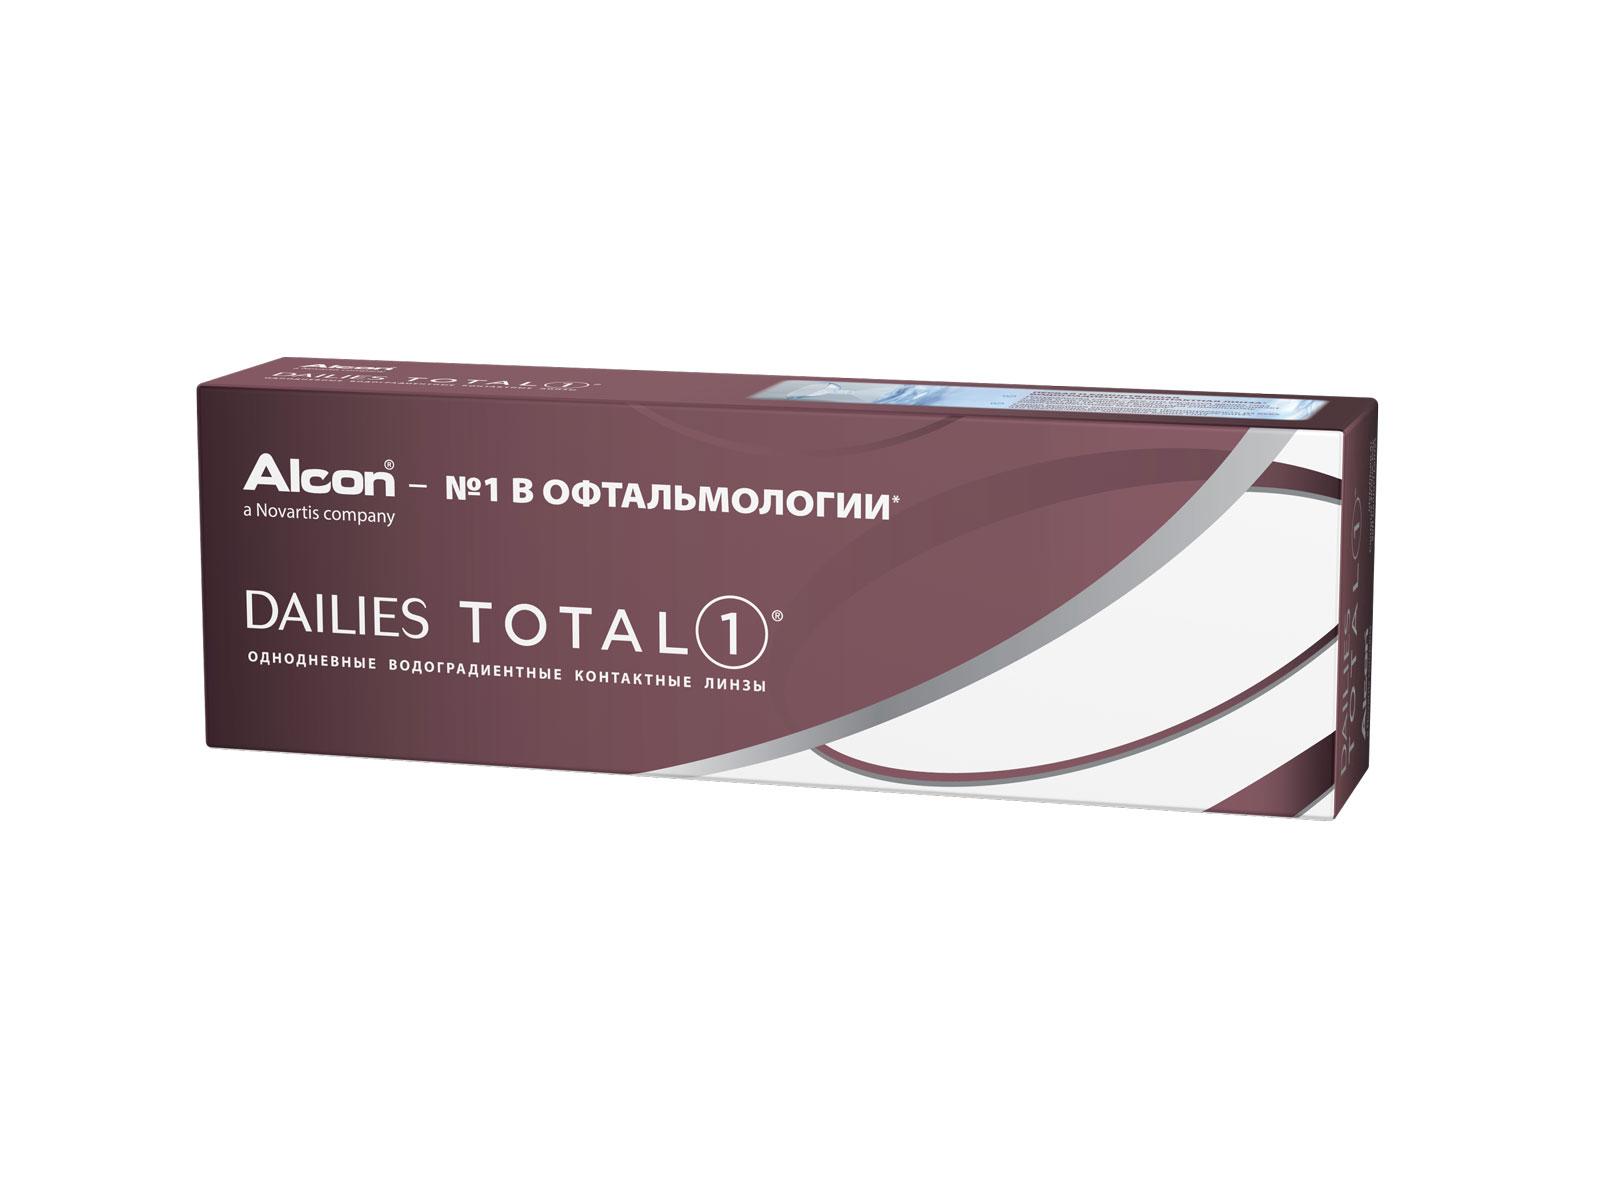 Alcon контактные линзы Dailies Total 1 30pk /-3.75 / 8.5 / 14.1100022922Dailies Total 1 – линзы, которые не чувствуешь с утра и до поздного вечера. Эти однодневные контактные линзы выполнены из уникального водоградиентного материала, багодаря которому натуральная слеза – это все, что касается ваших глаз. Почти 100% влаги на поверхности обеспечивают непревзойденный комфорт до 16 часов ношения.